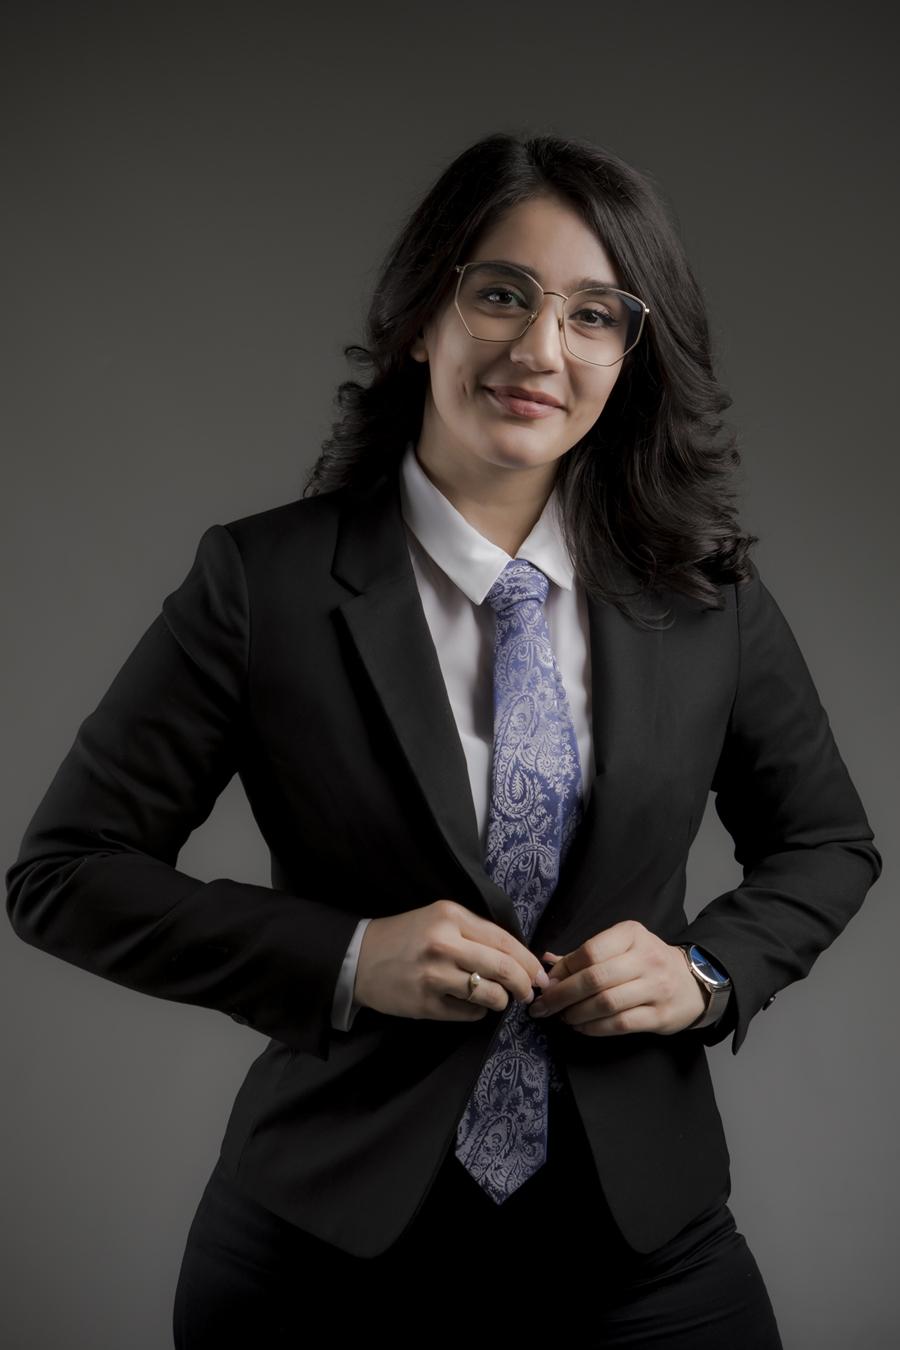 Aylin Bahmanyar